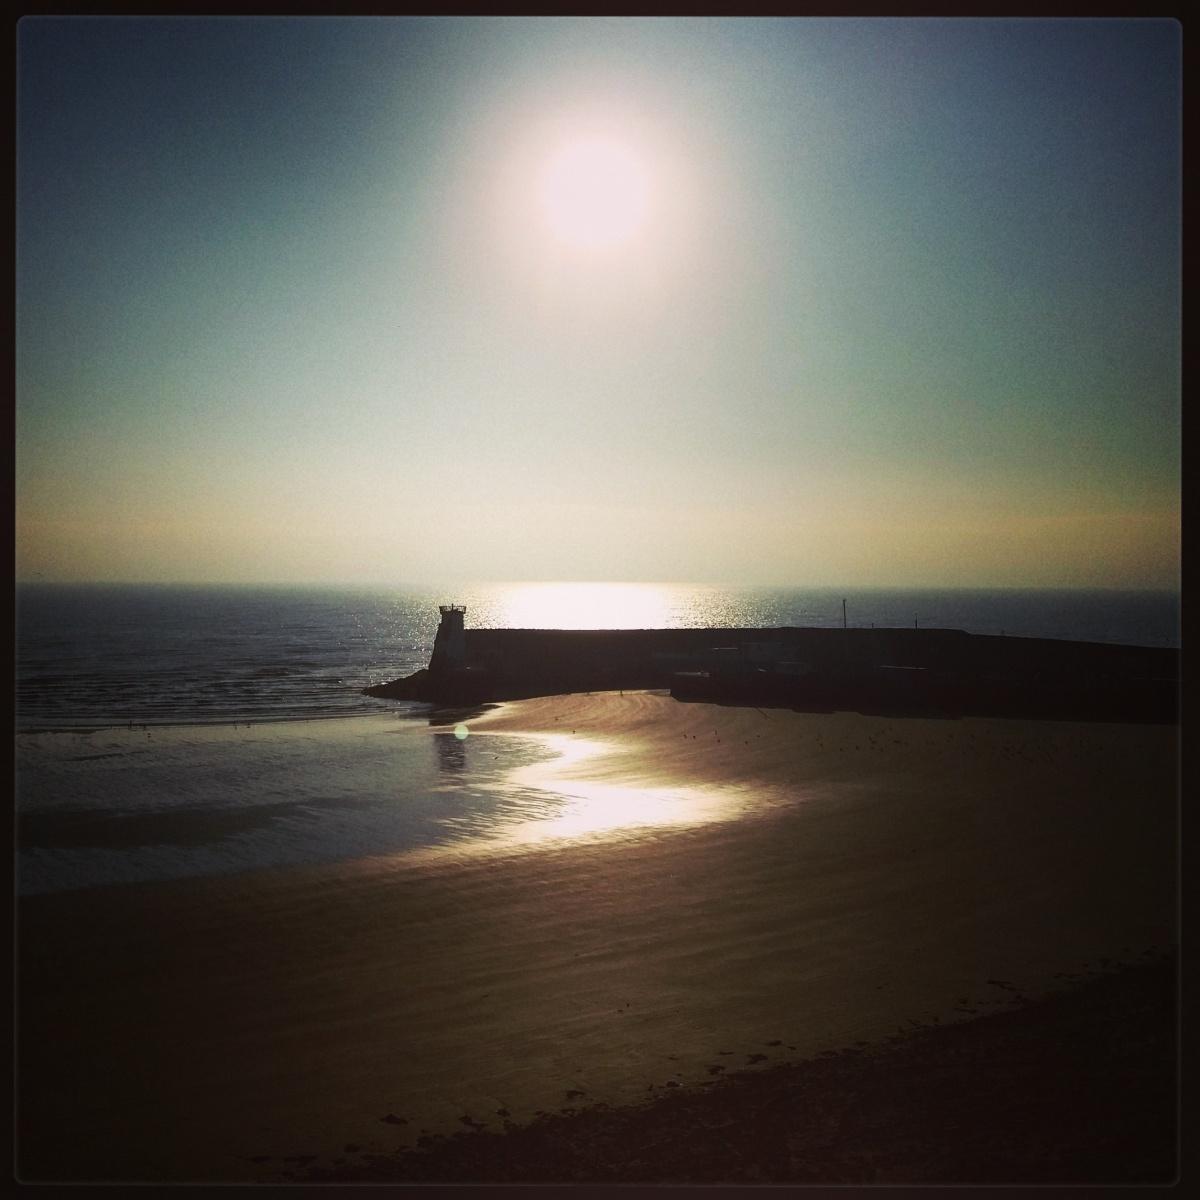 Balbriggan_beach_at_sunrise_by_Emma_Hynes